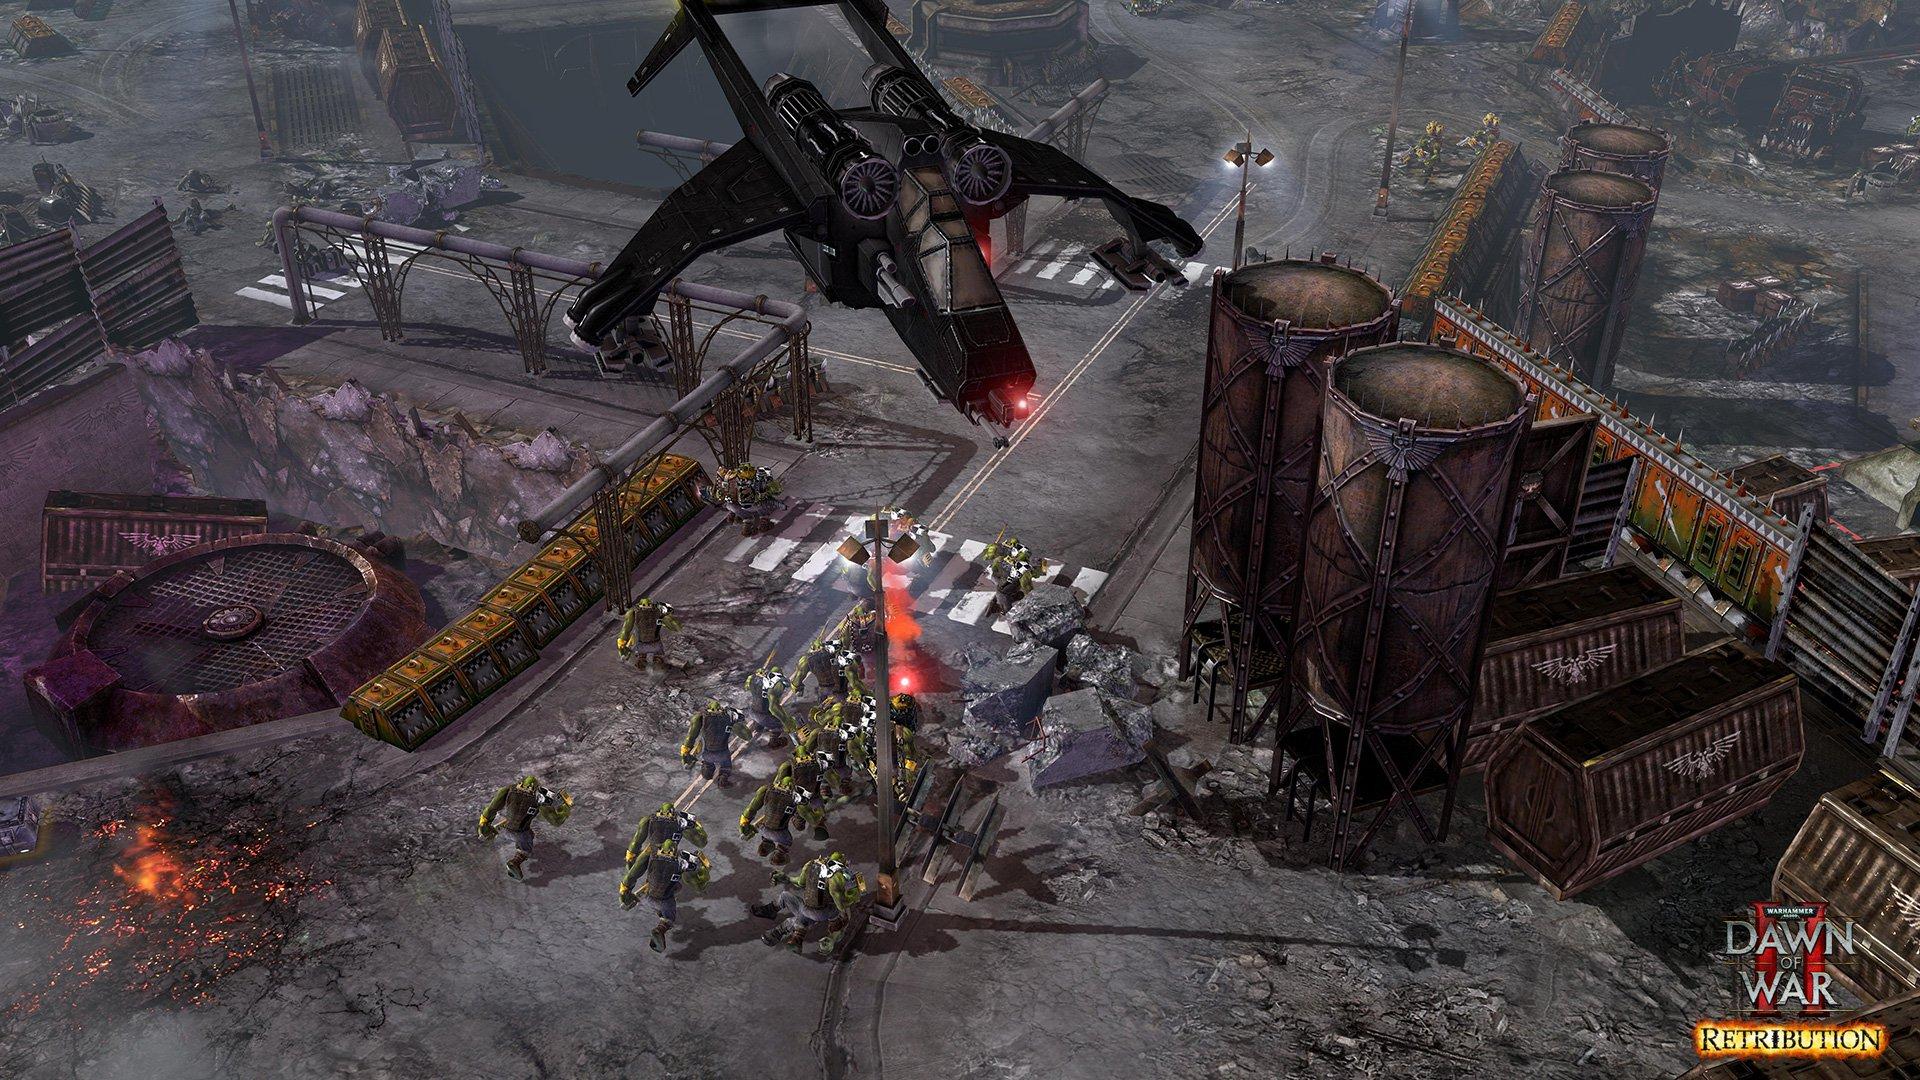 Warhammer 40,000 Dawn of War II Retribution 9